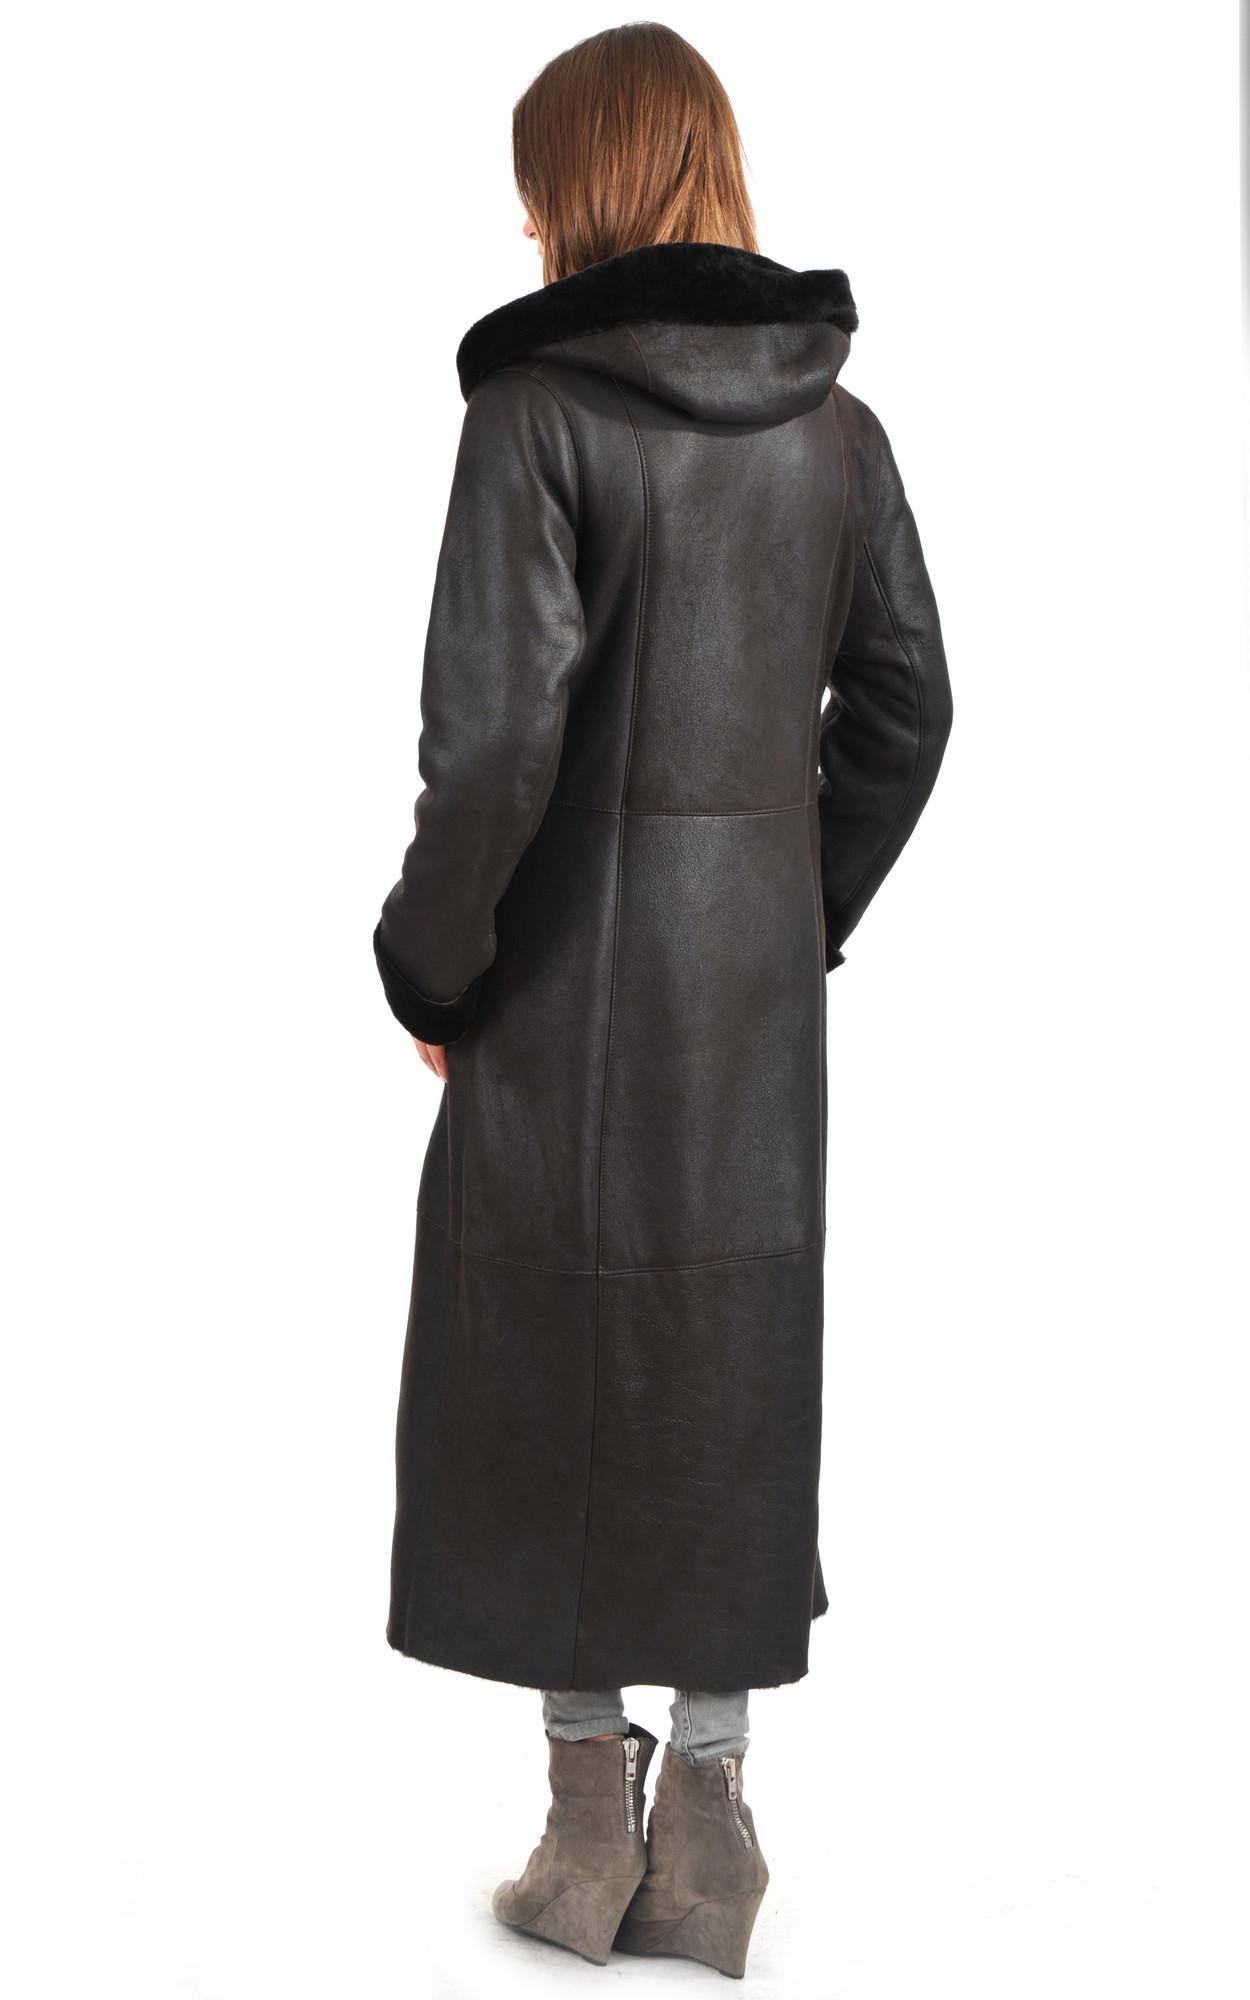 Manteau Cintré Peau Lainée Femme